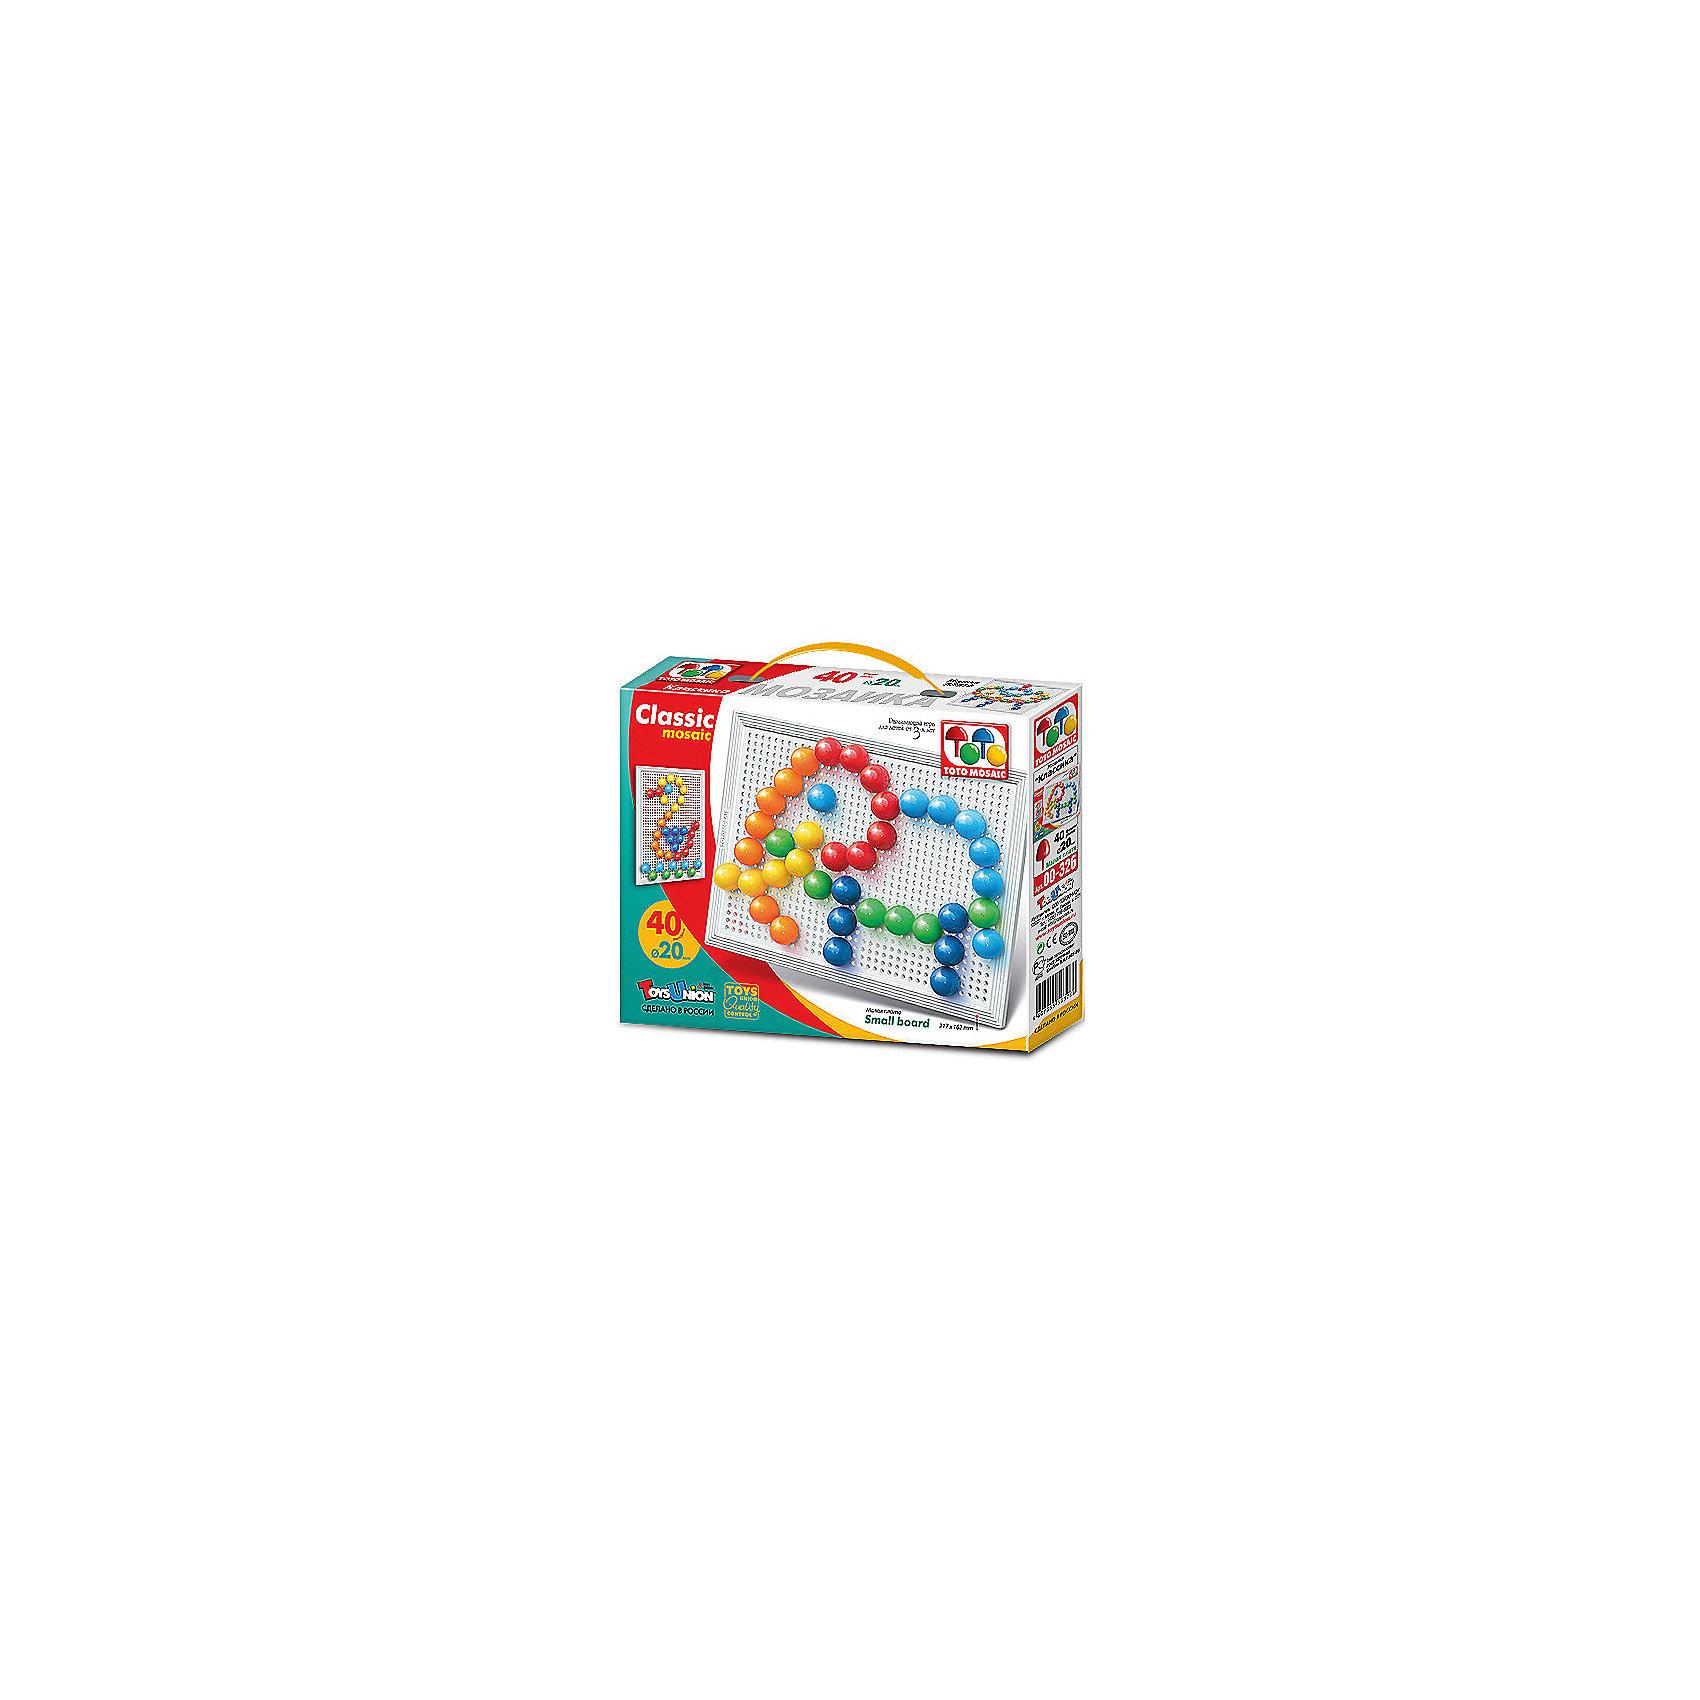 Toys Union Мозаика Необыкновенные приключения,40 деталей, д. 20 мм, Toys Union мозаика toys union зайчик